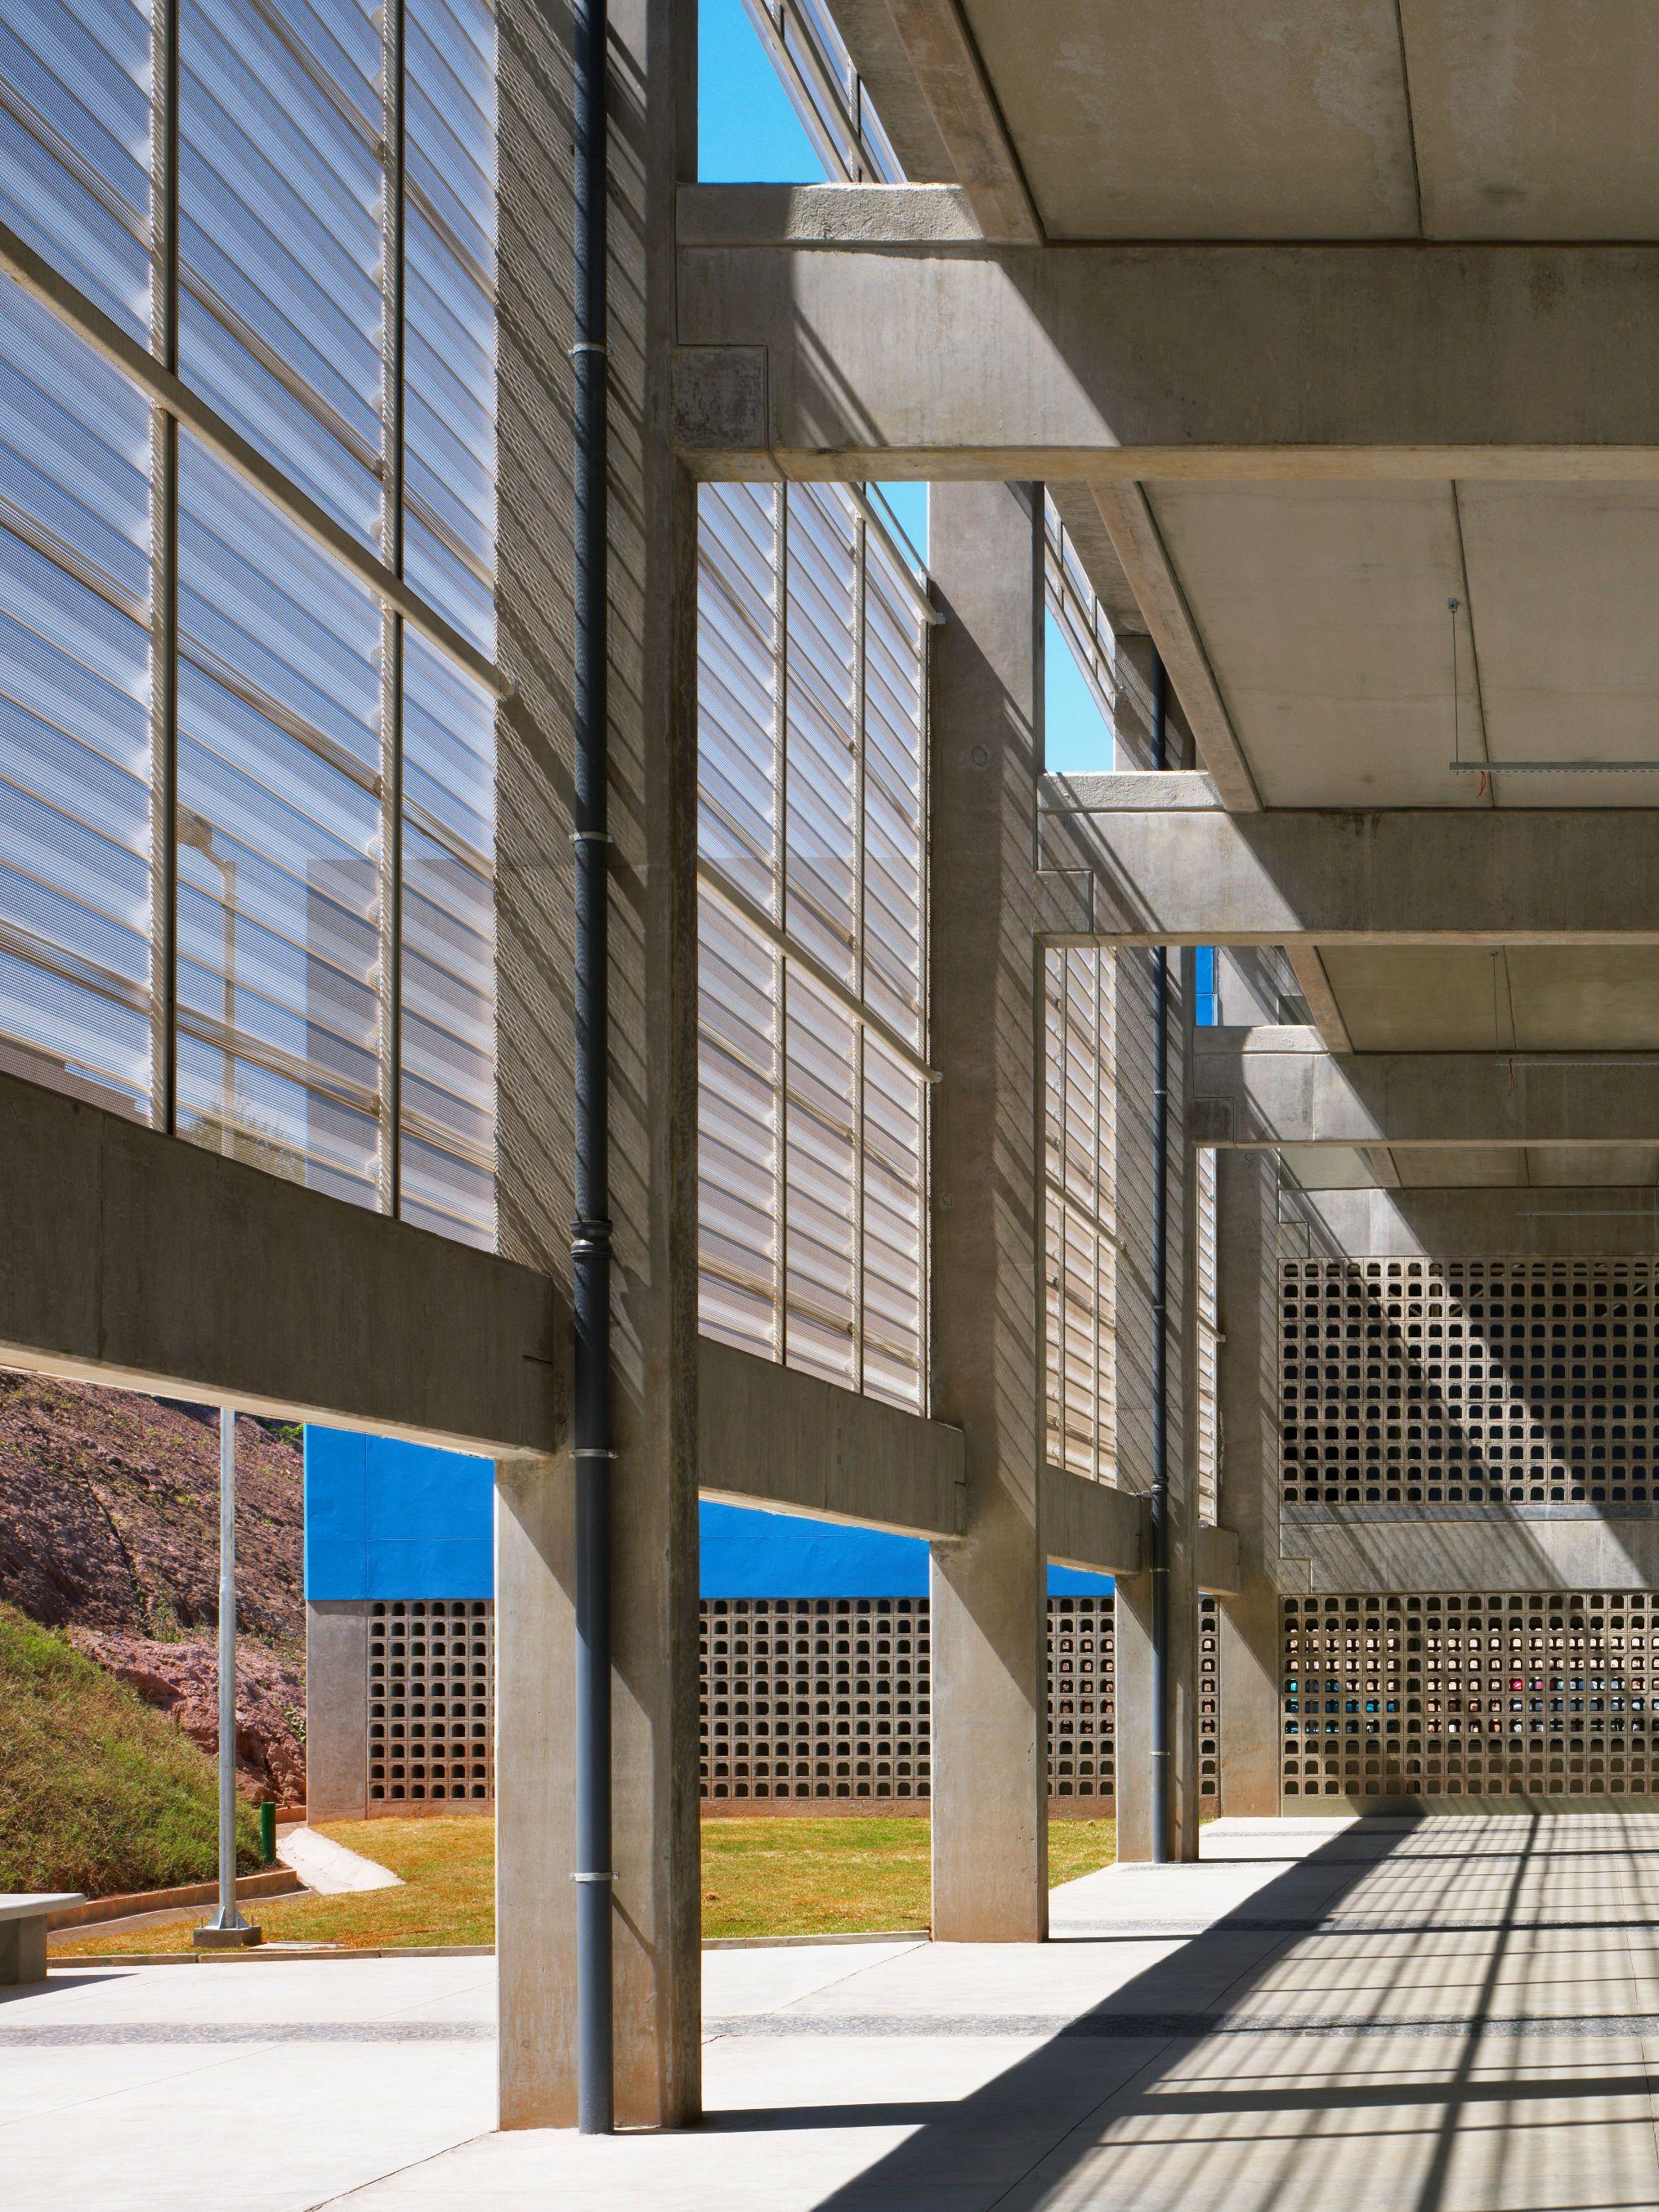 Escola Várzea Paulista – 9 Prêmio Jovens Arquitetos  #0975C2 2030x2706 Banheiro Acessível Dimensões